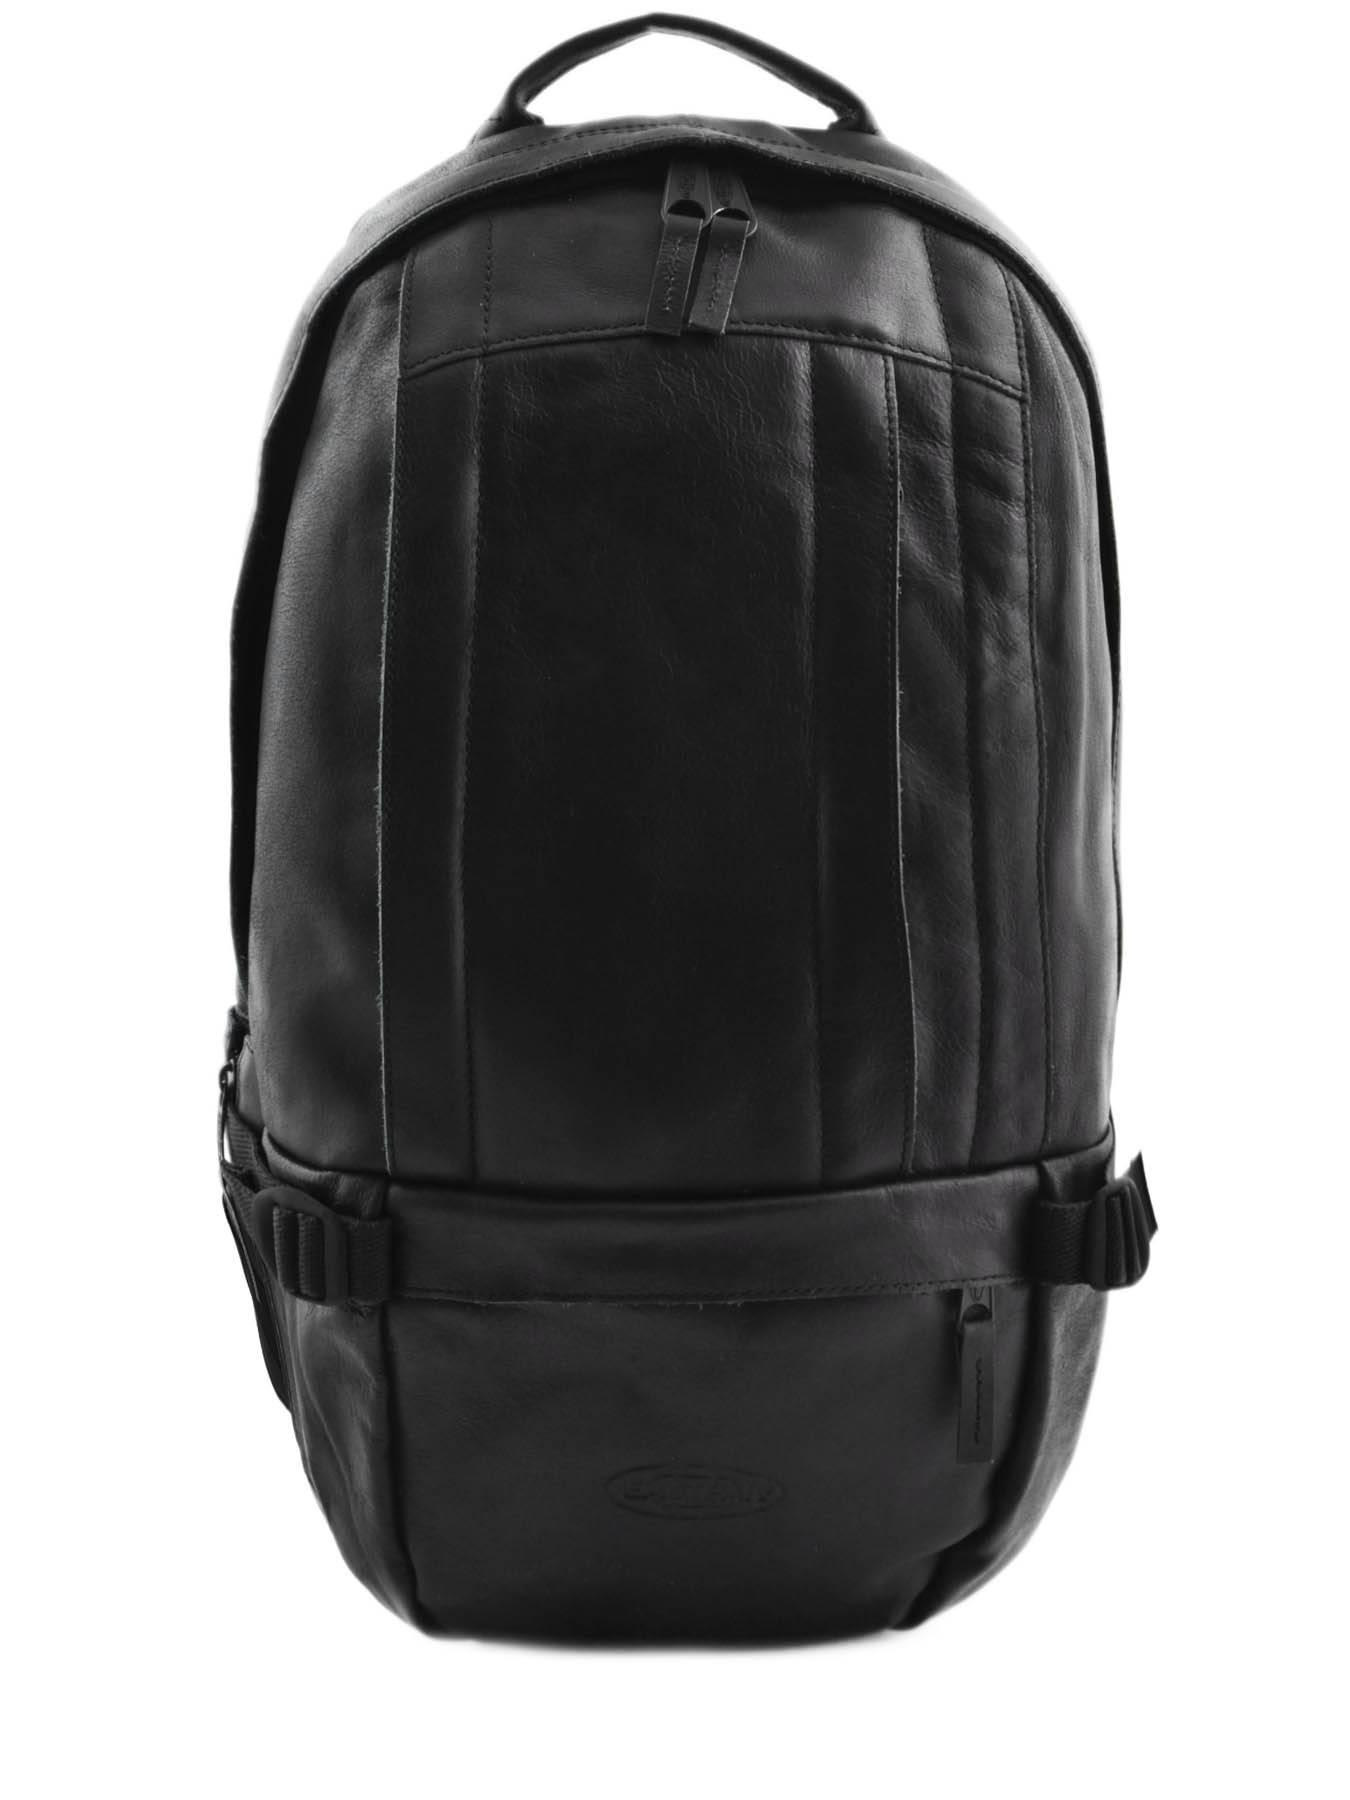 sac dos eastpak core series leatherr en vente au meilleur prix. Black Bedroom Furniture Sets. Home Design Ideas